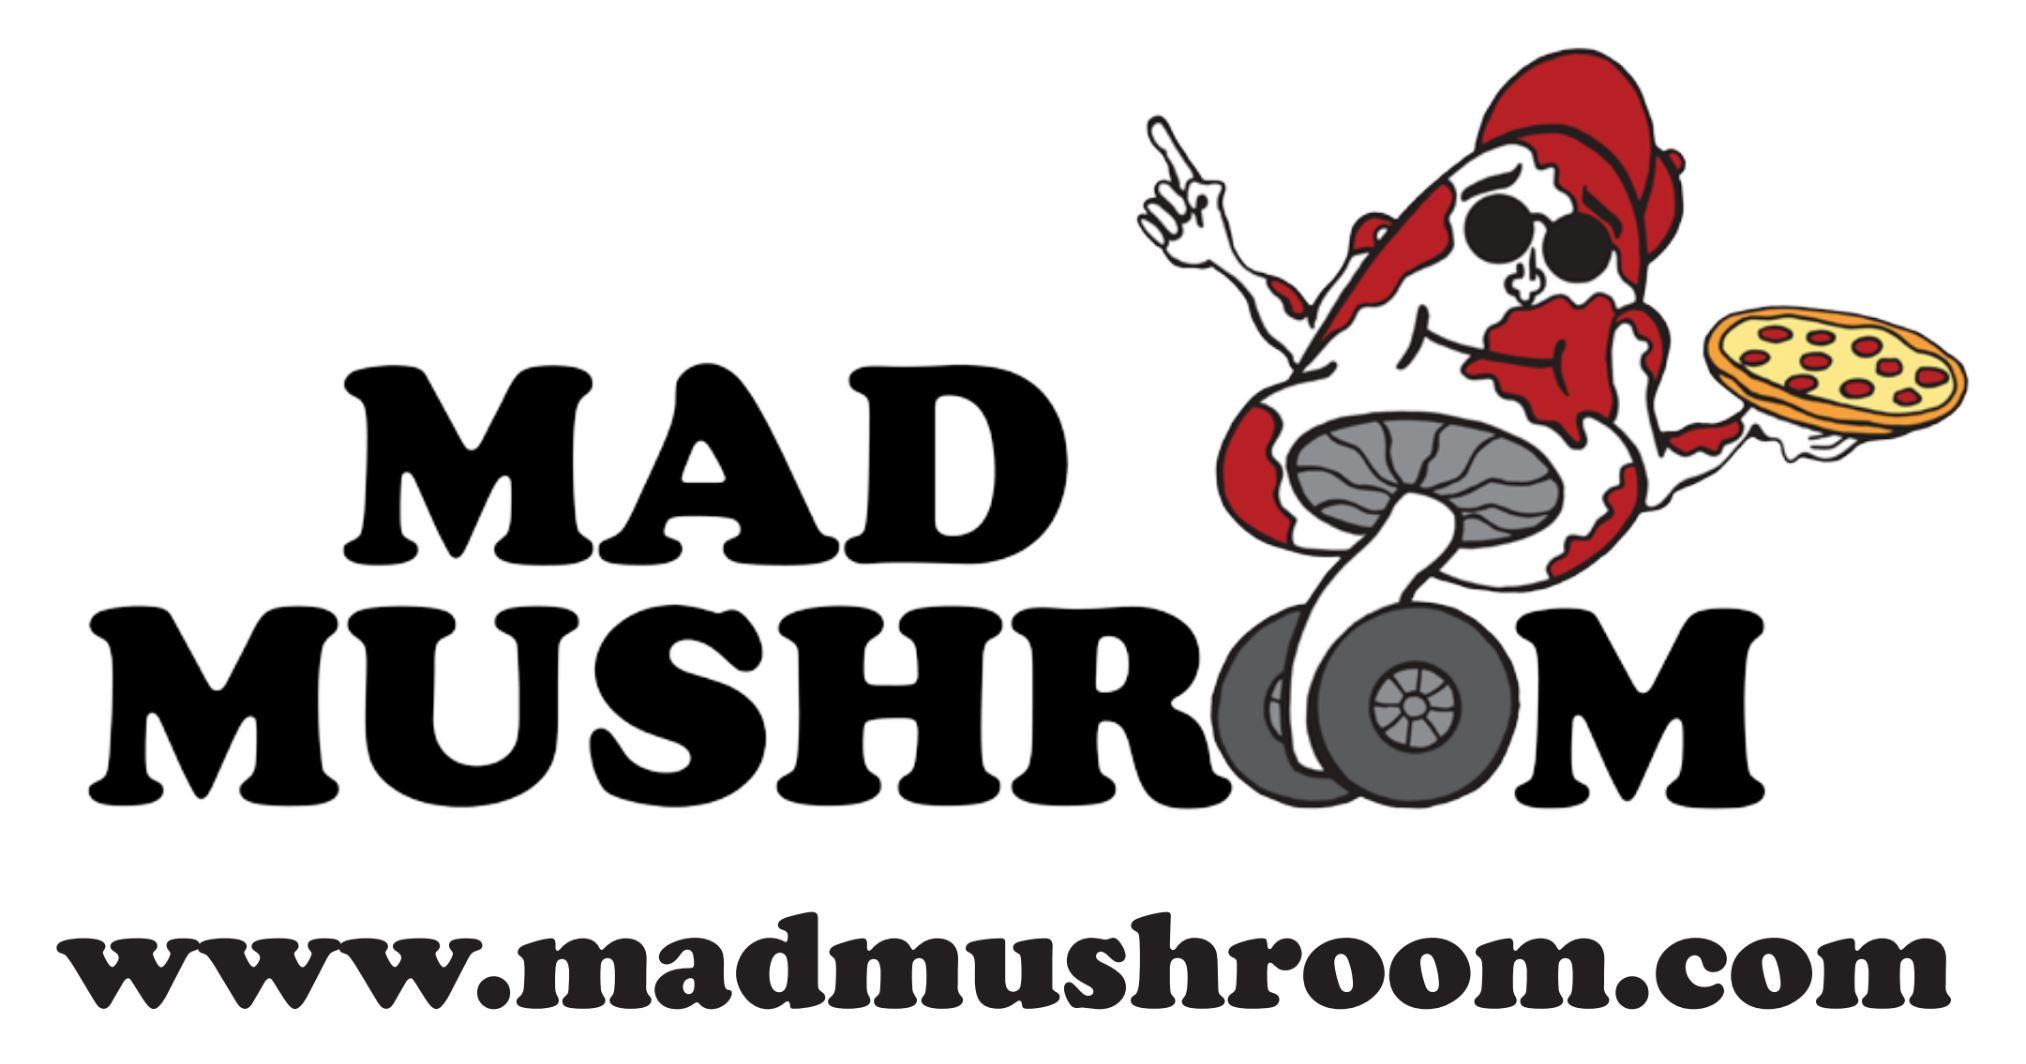 Mad Mushroom logo www